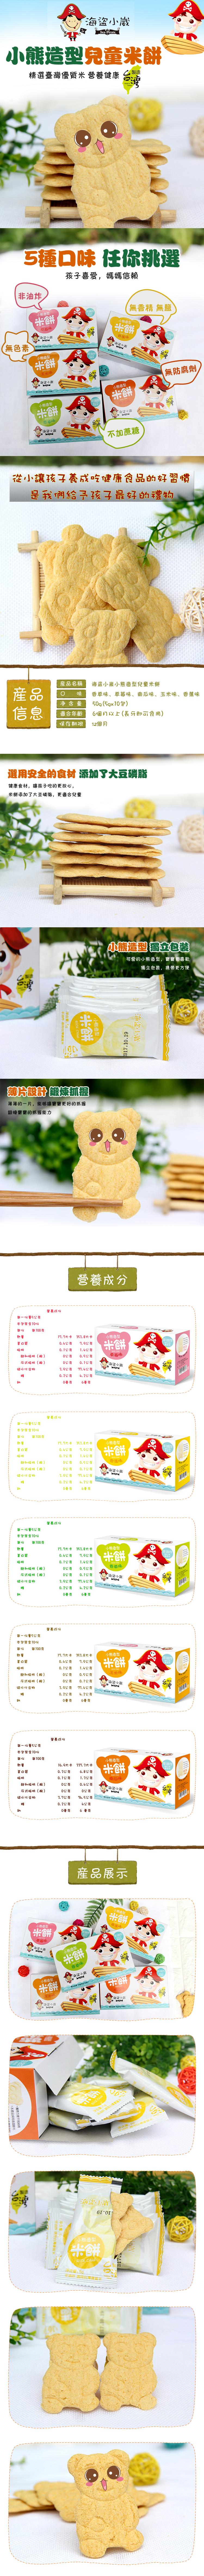 米饼详情页-繁体